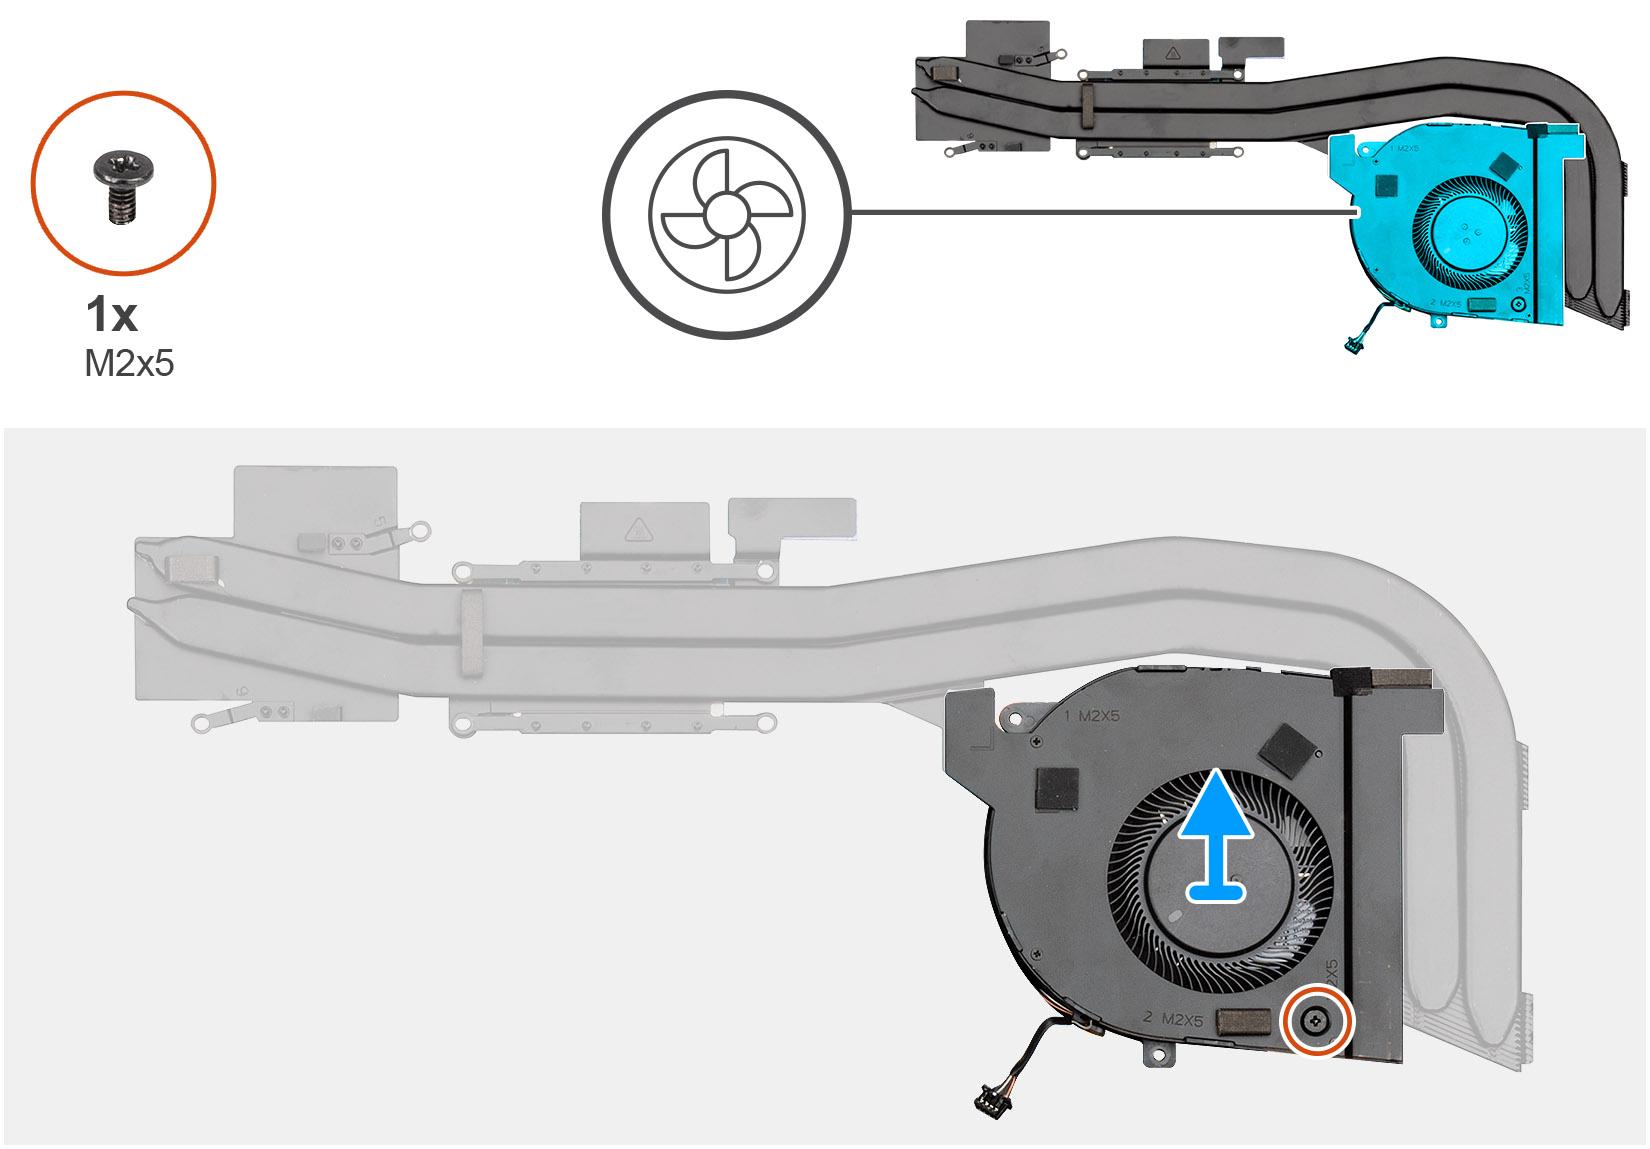 Removing Heatsink fan